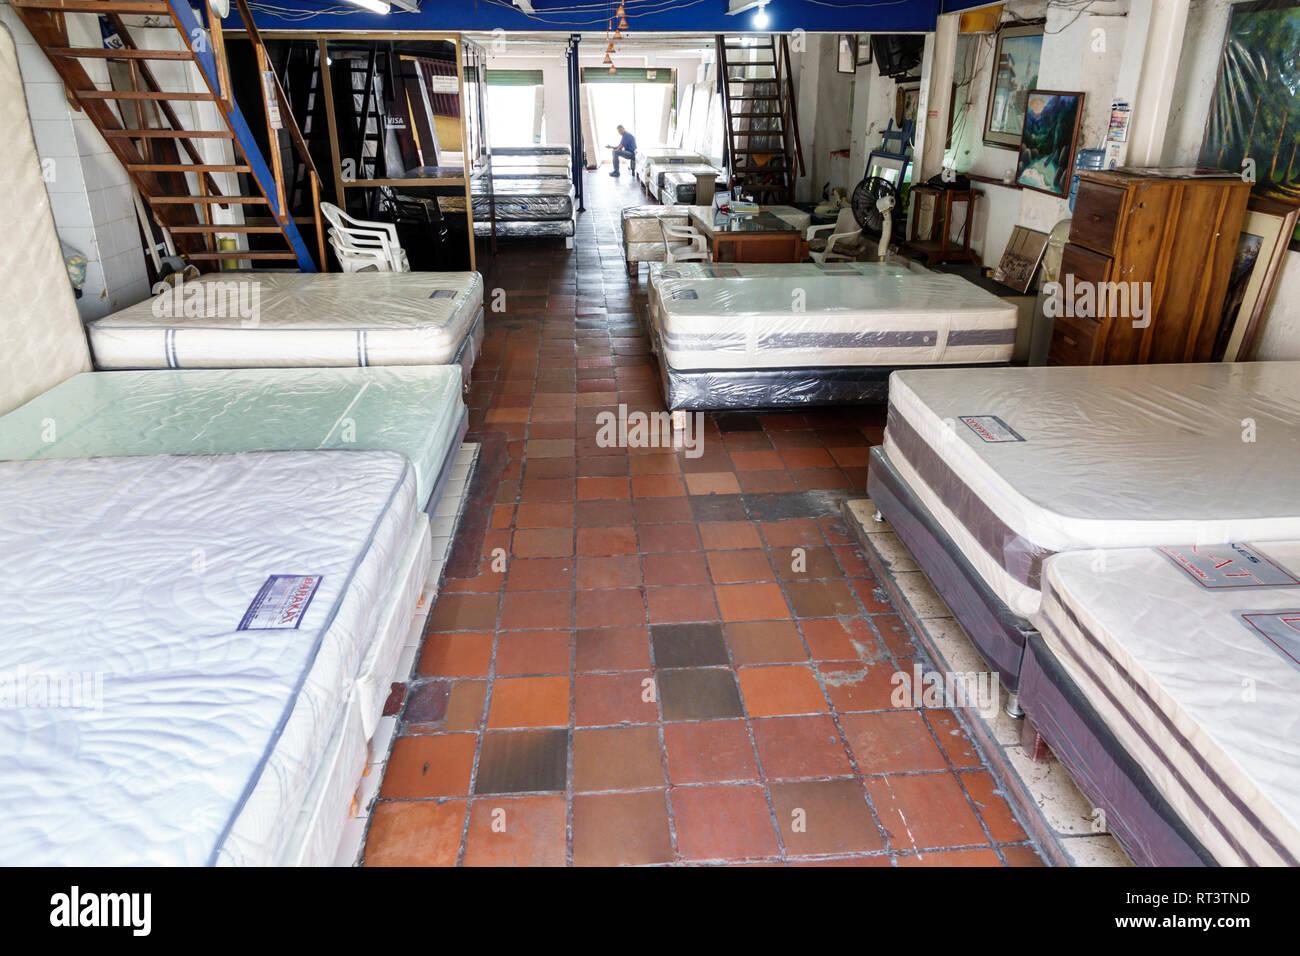 Colombia, Cartagena, Centro storico della Città murata, Getsemani, interni, business, vendita prodotti, nuovi materassi letti, negozio, s Foto Stock